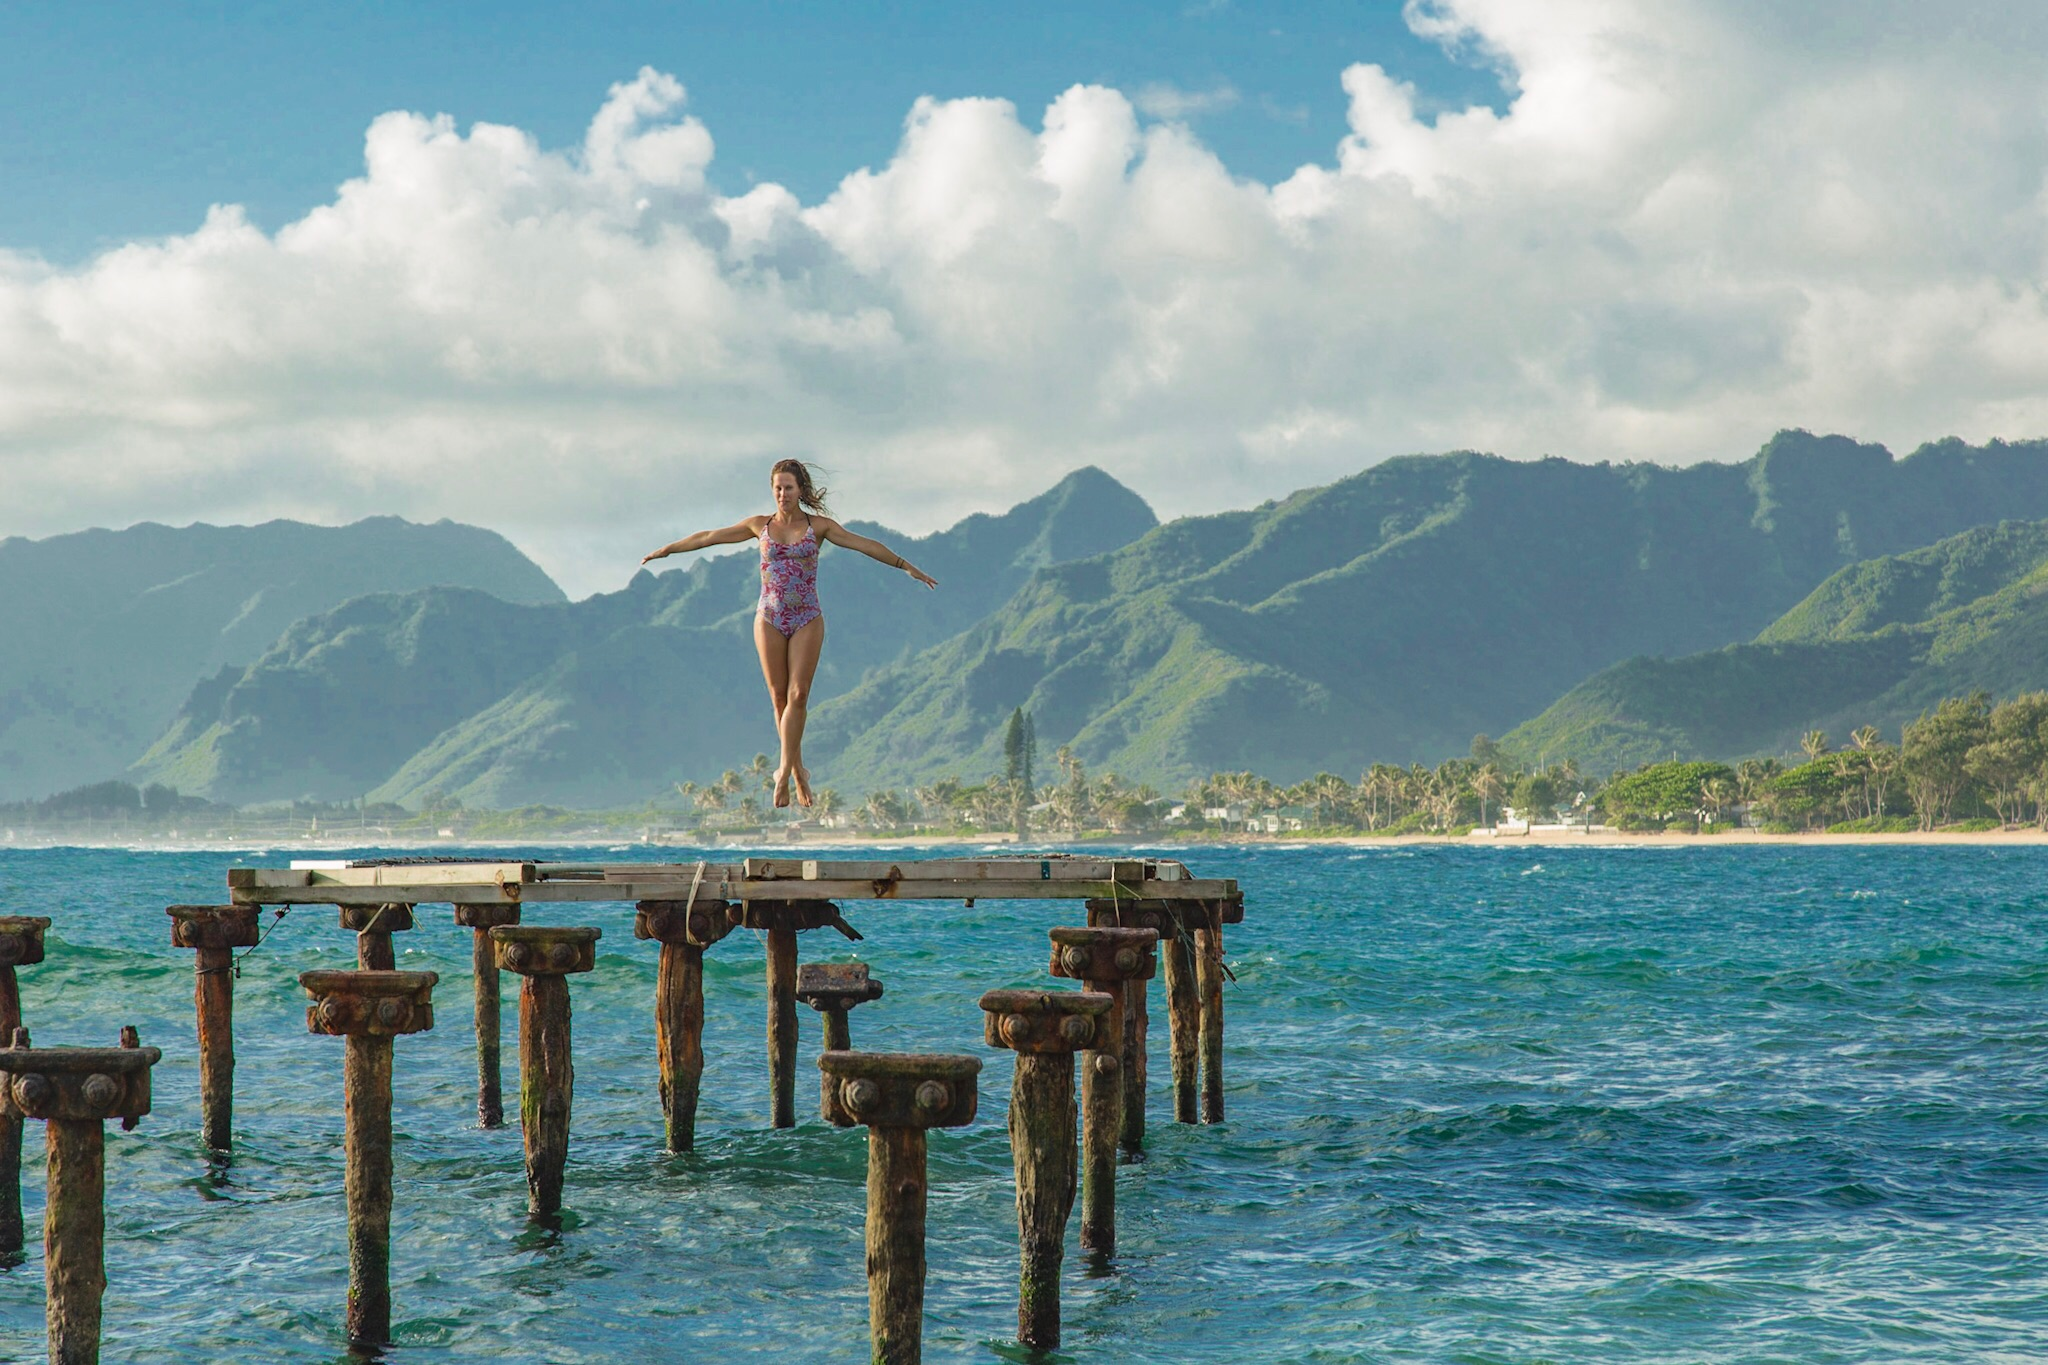 Local Maui Photographer : AMANDA EMMES PHOTO    www.amandaemmes.com   @amandaemmesphoto